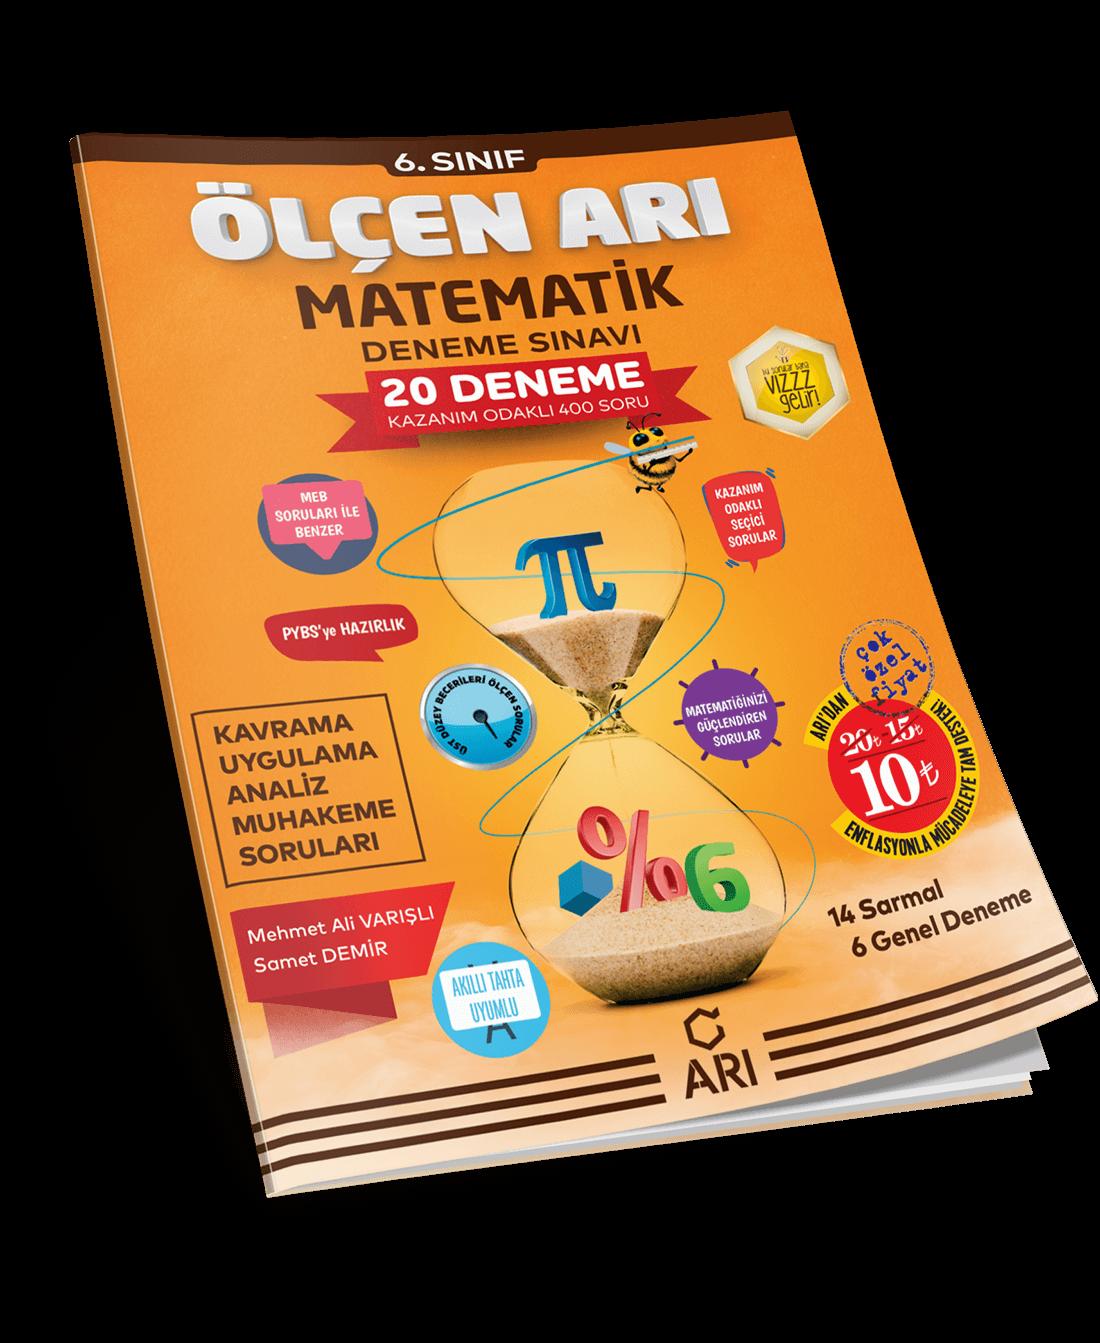 Ölçen Arı Matematik Deneme Sınavı 6. Sınıf